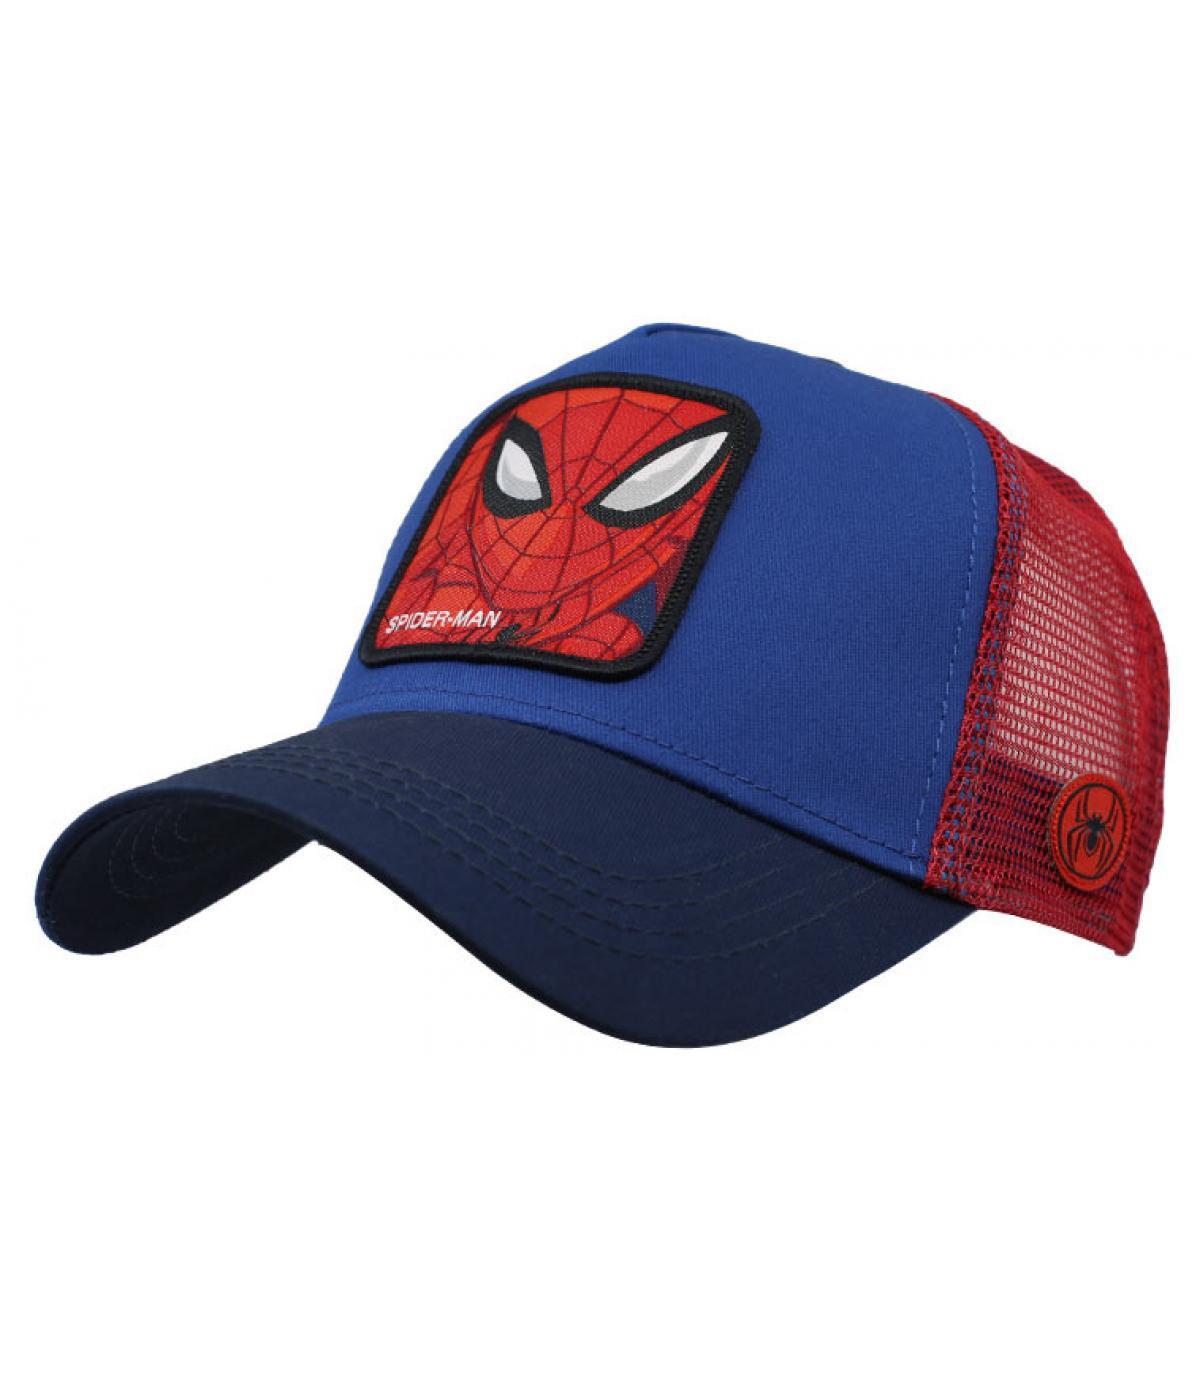 Details Trucker Spiderman - Abbildung 2